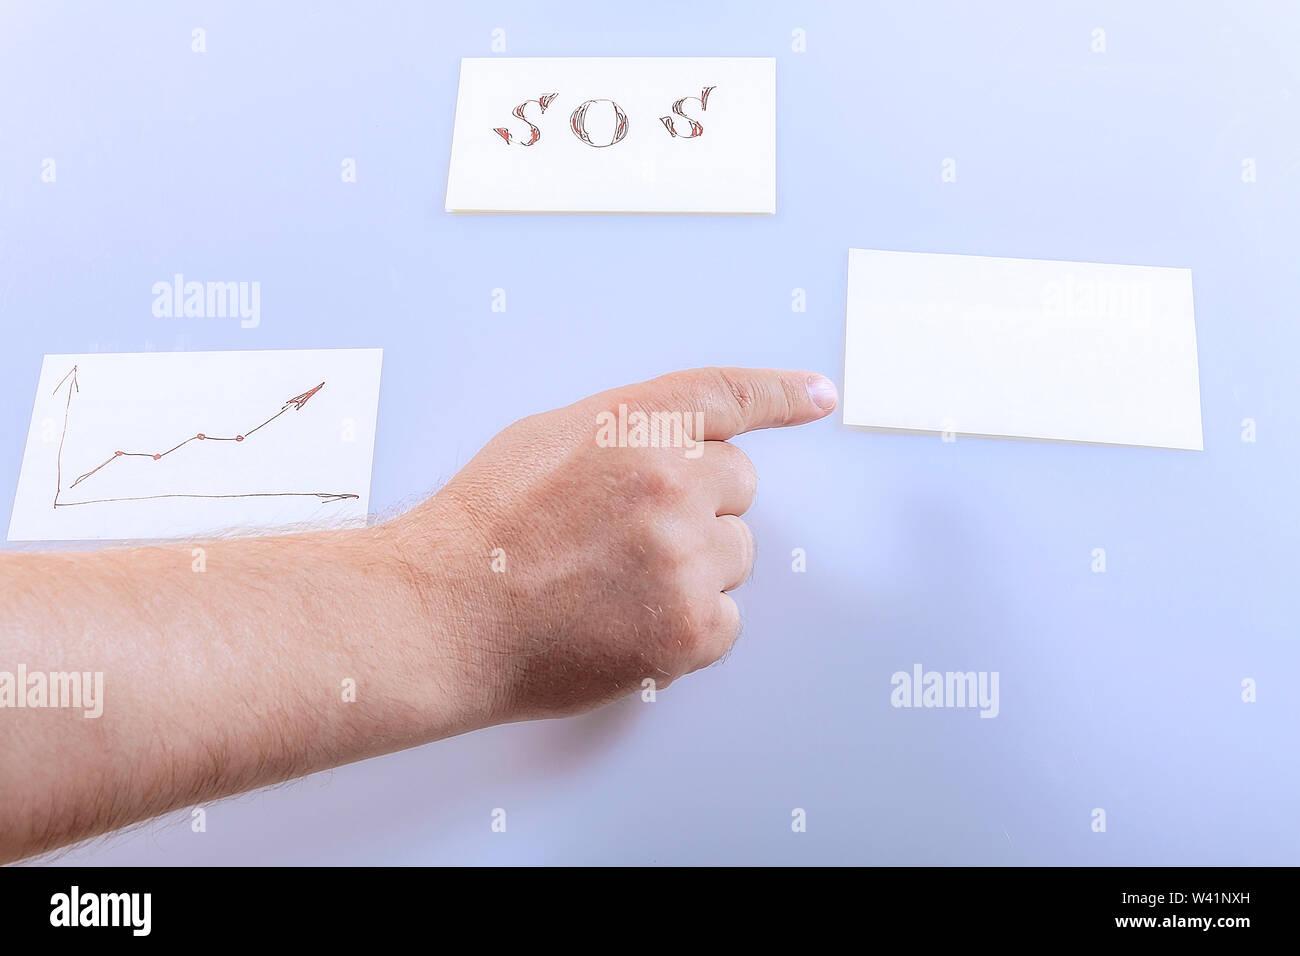 El dedo de la mano muestra una pegatina en blanco. Plantilla. Foto de stock